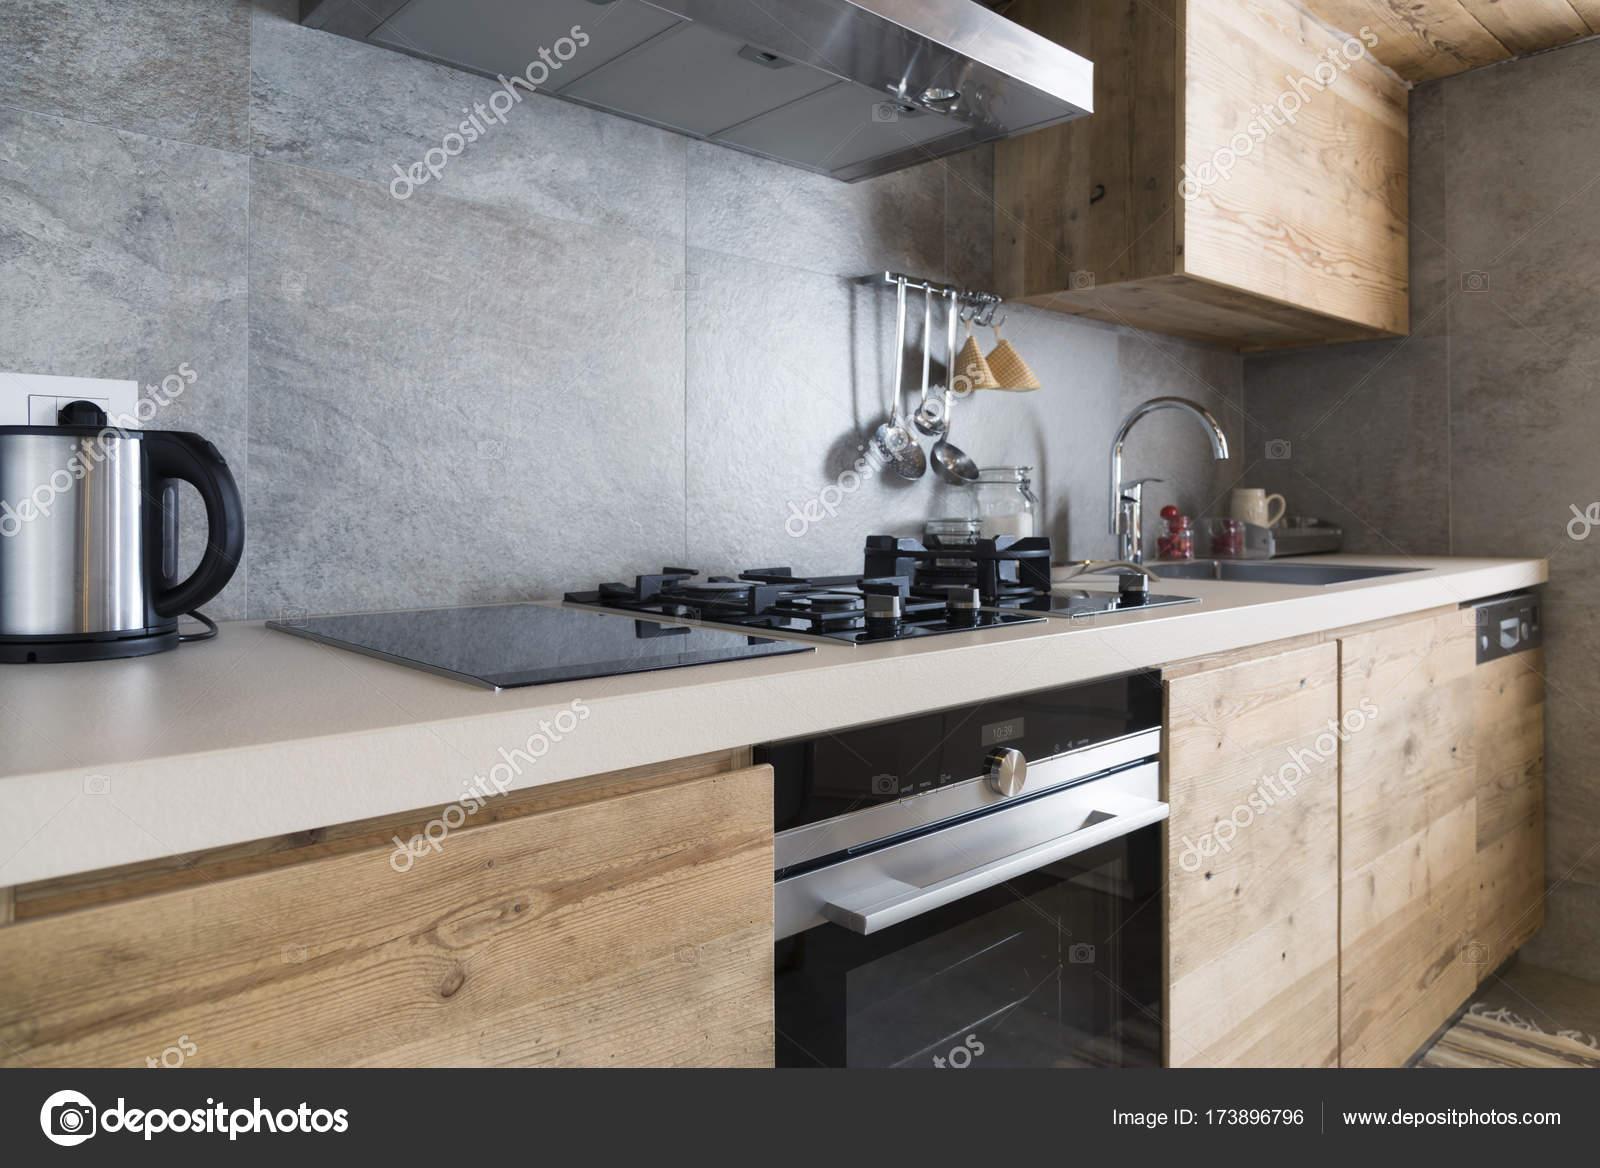 Moderne houten aanrecht u2014 stockfoto © ilfede #173896796